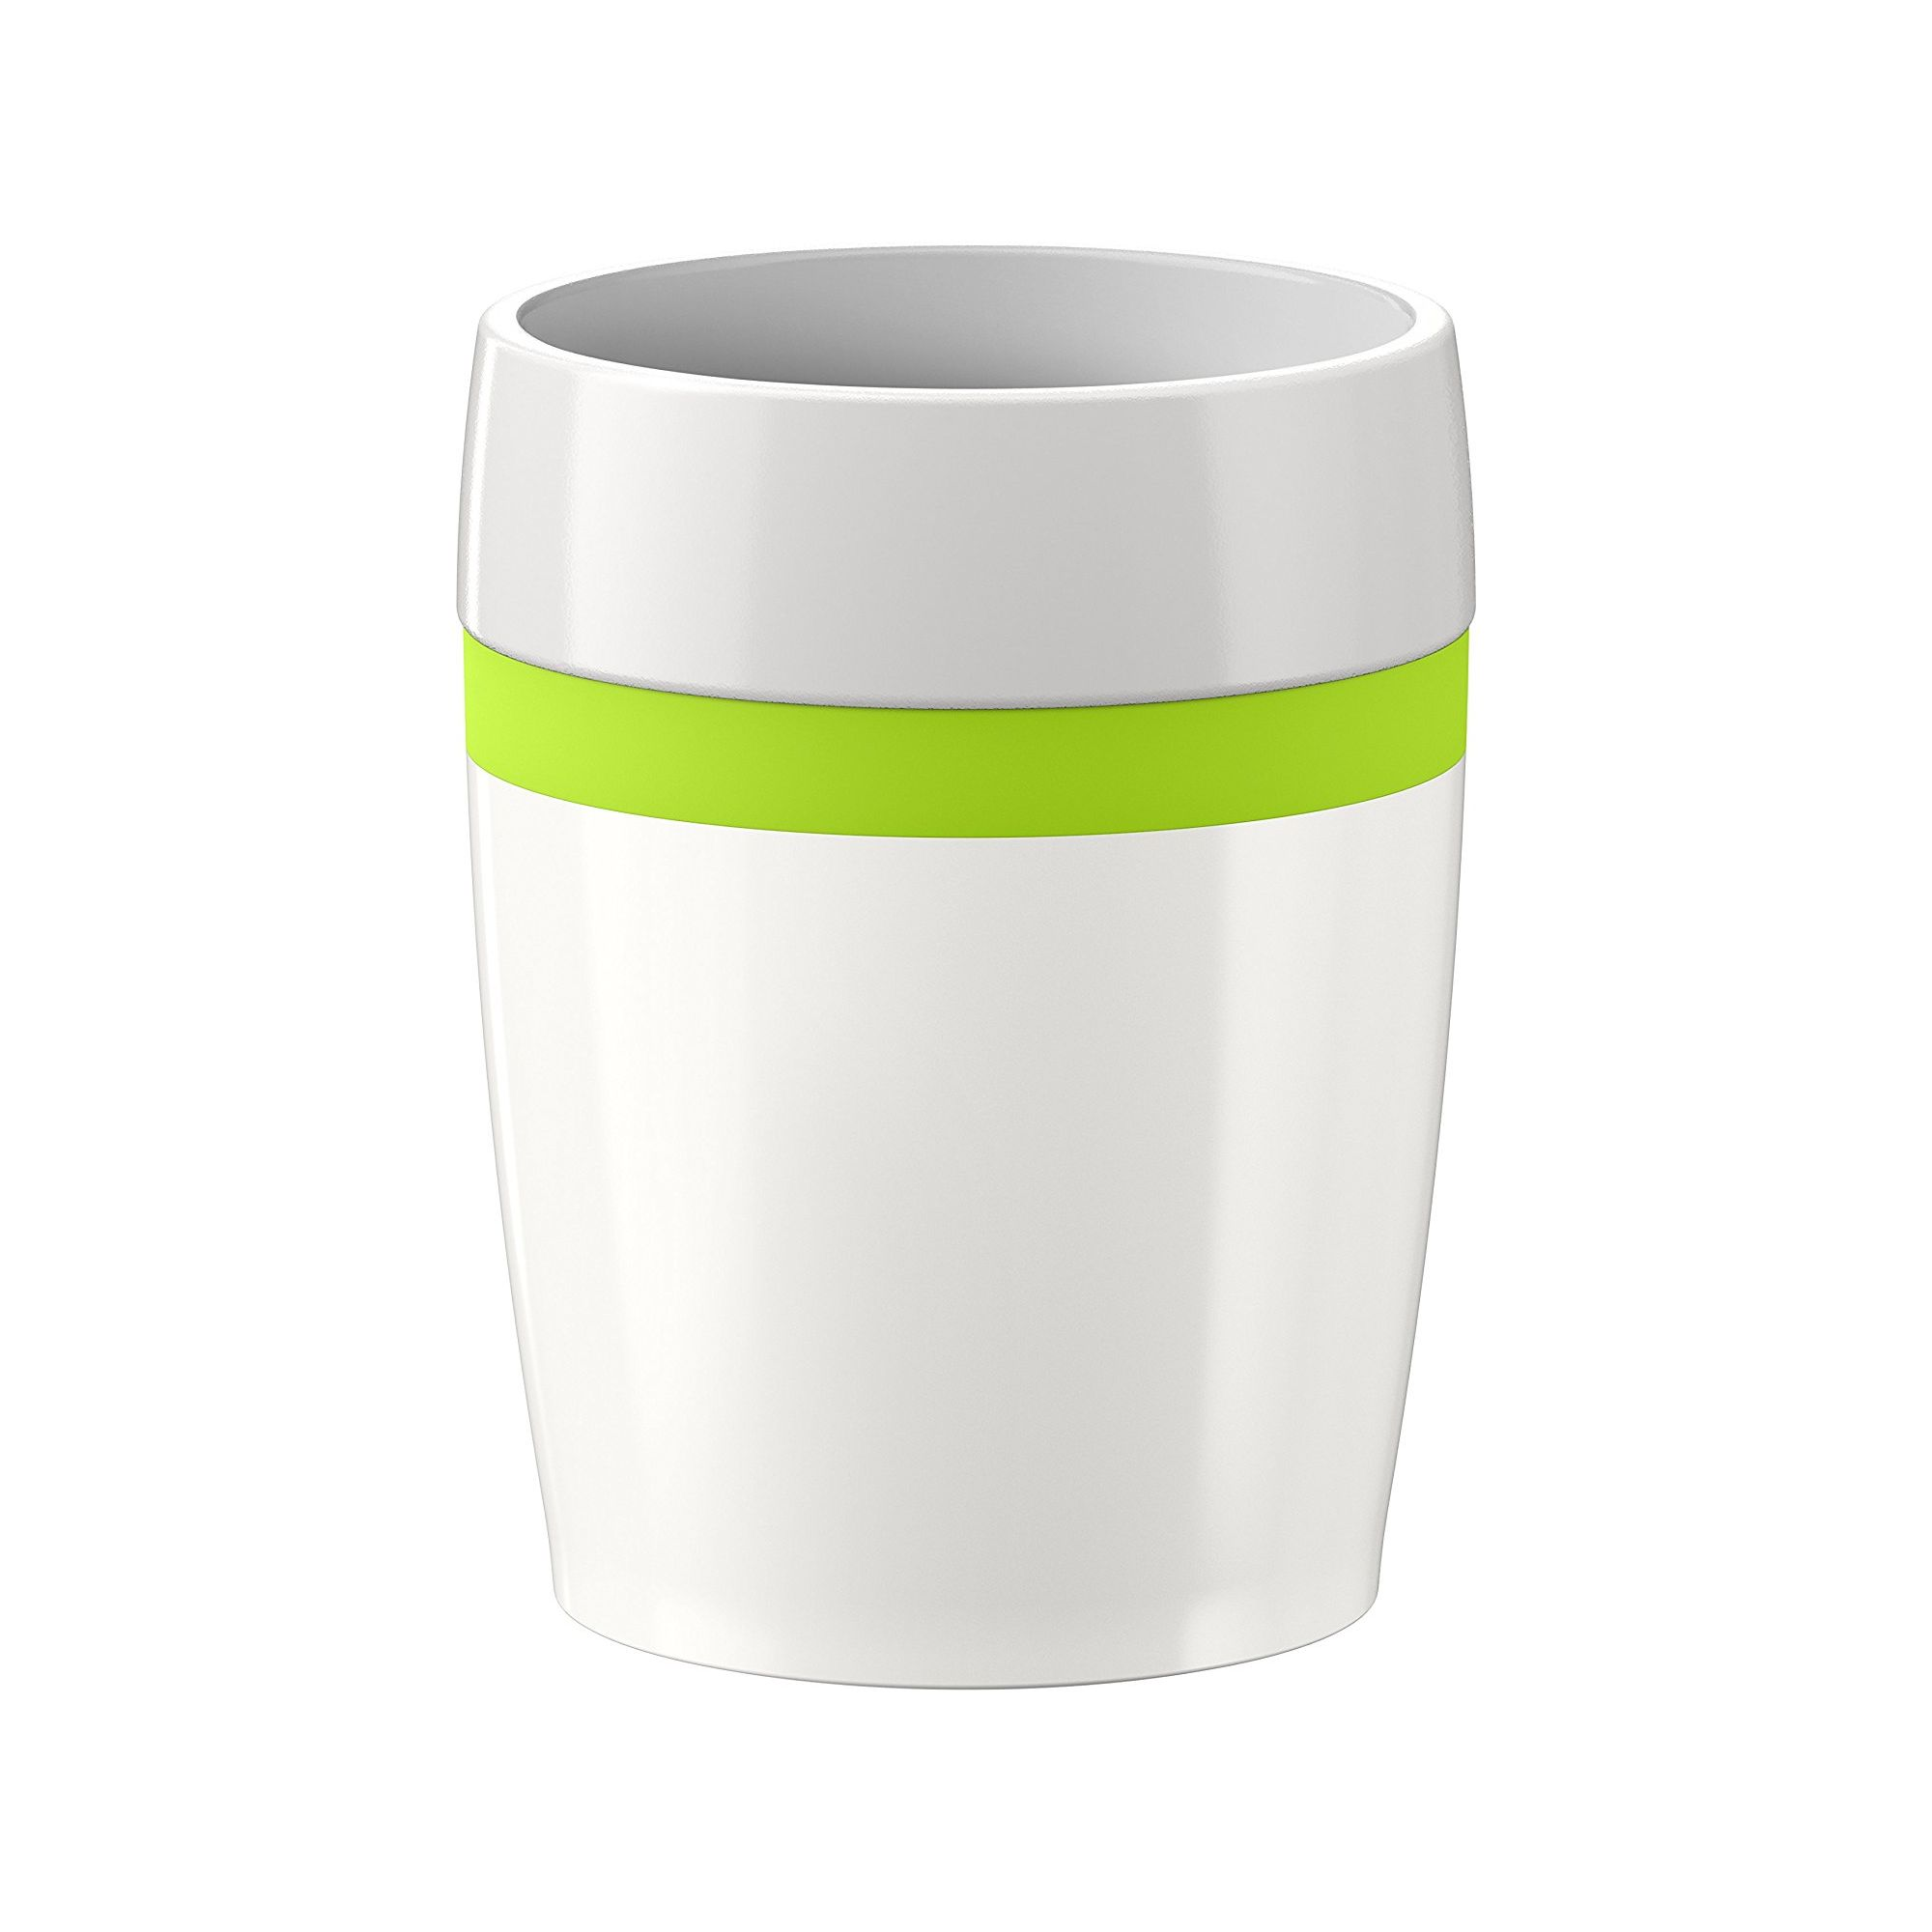 Термостакан TRAVEL CUP CeramicСимпатичный термостакан ТРЭВЭЛ КАП Керамик изготовлен из белой керамики и украшен яркой зеленой полосой. Небольшой объем и компактные размеры стакана придутся кстати в коротком путешествии, диаметр дна отлично впишется в автомобильный держатель бутылок, поэтому наслаждаться бодрящим кофе или ароматным чаем можно будет прямо за рулем, стакан надолго сохранит ваши любимые напитки горячими. Неплохая идея для подарка женщине или мужчине, много времени проводящим в дороге.<br>